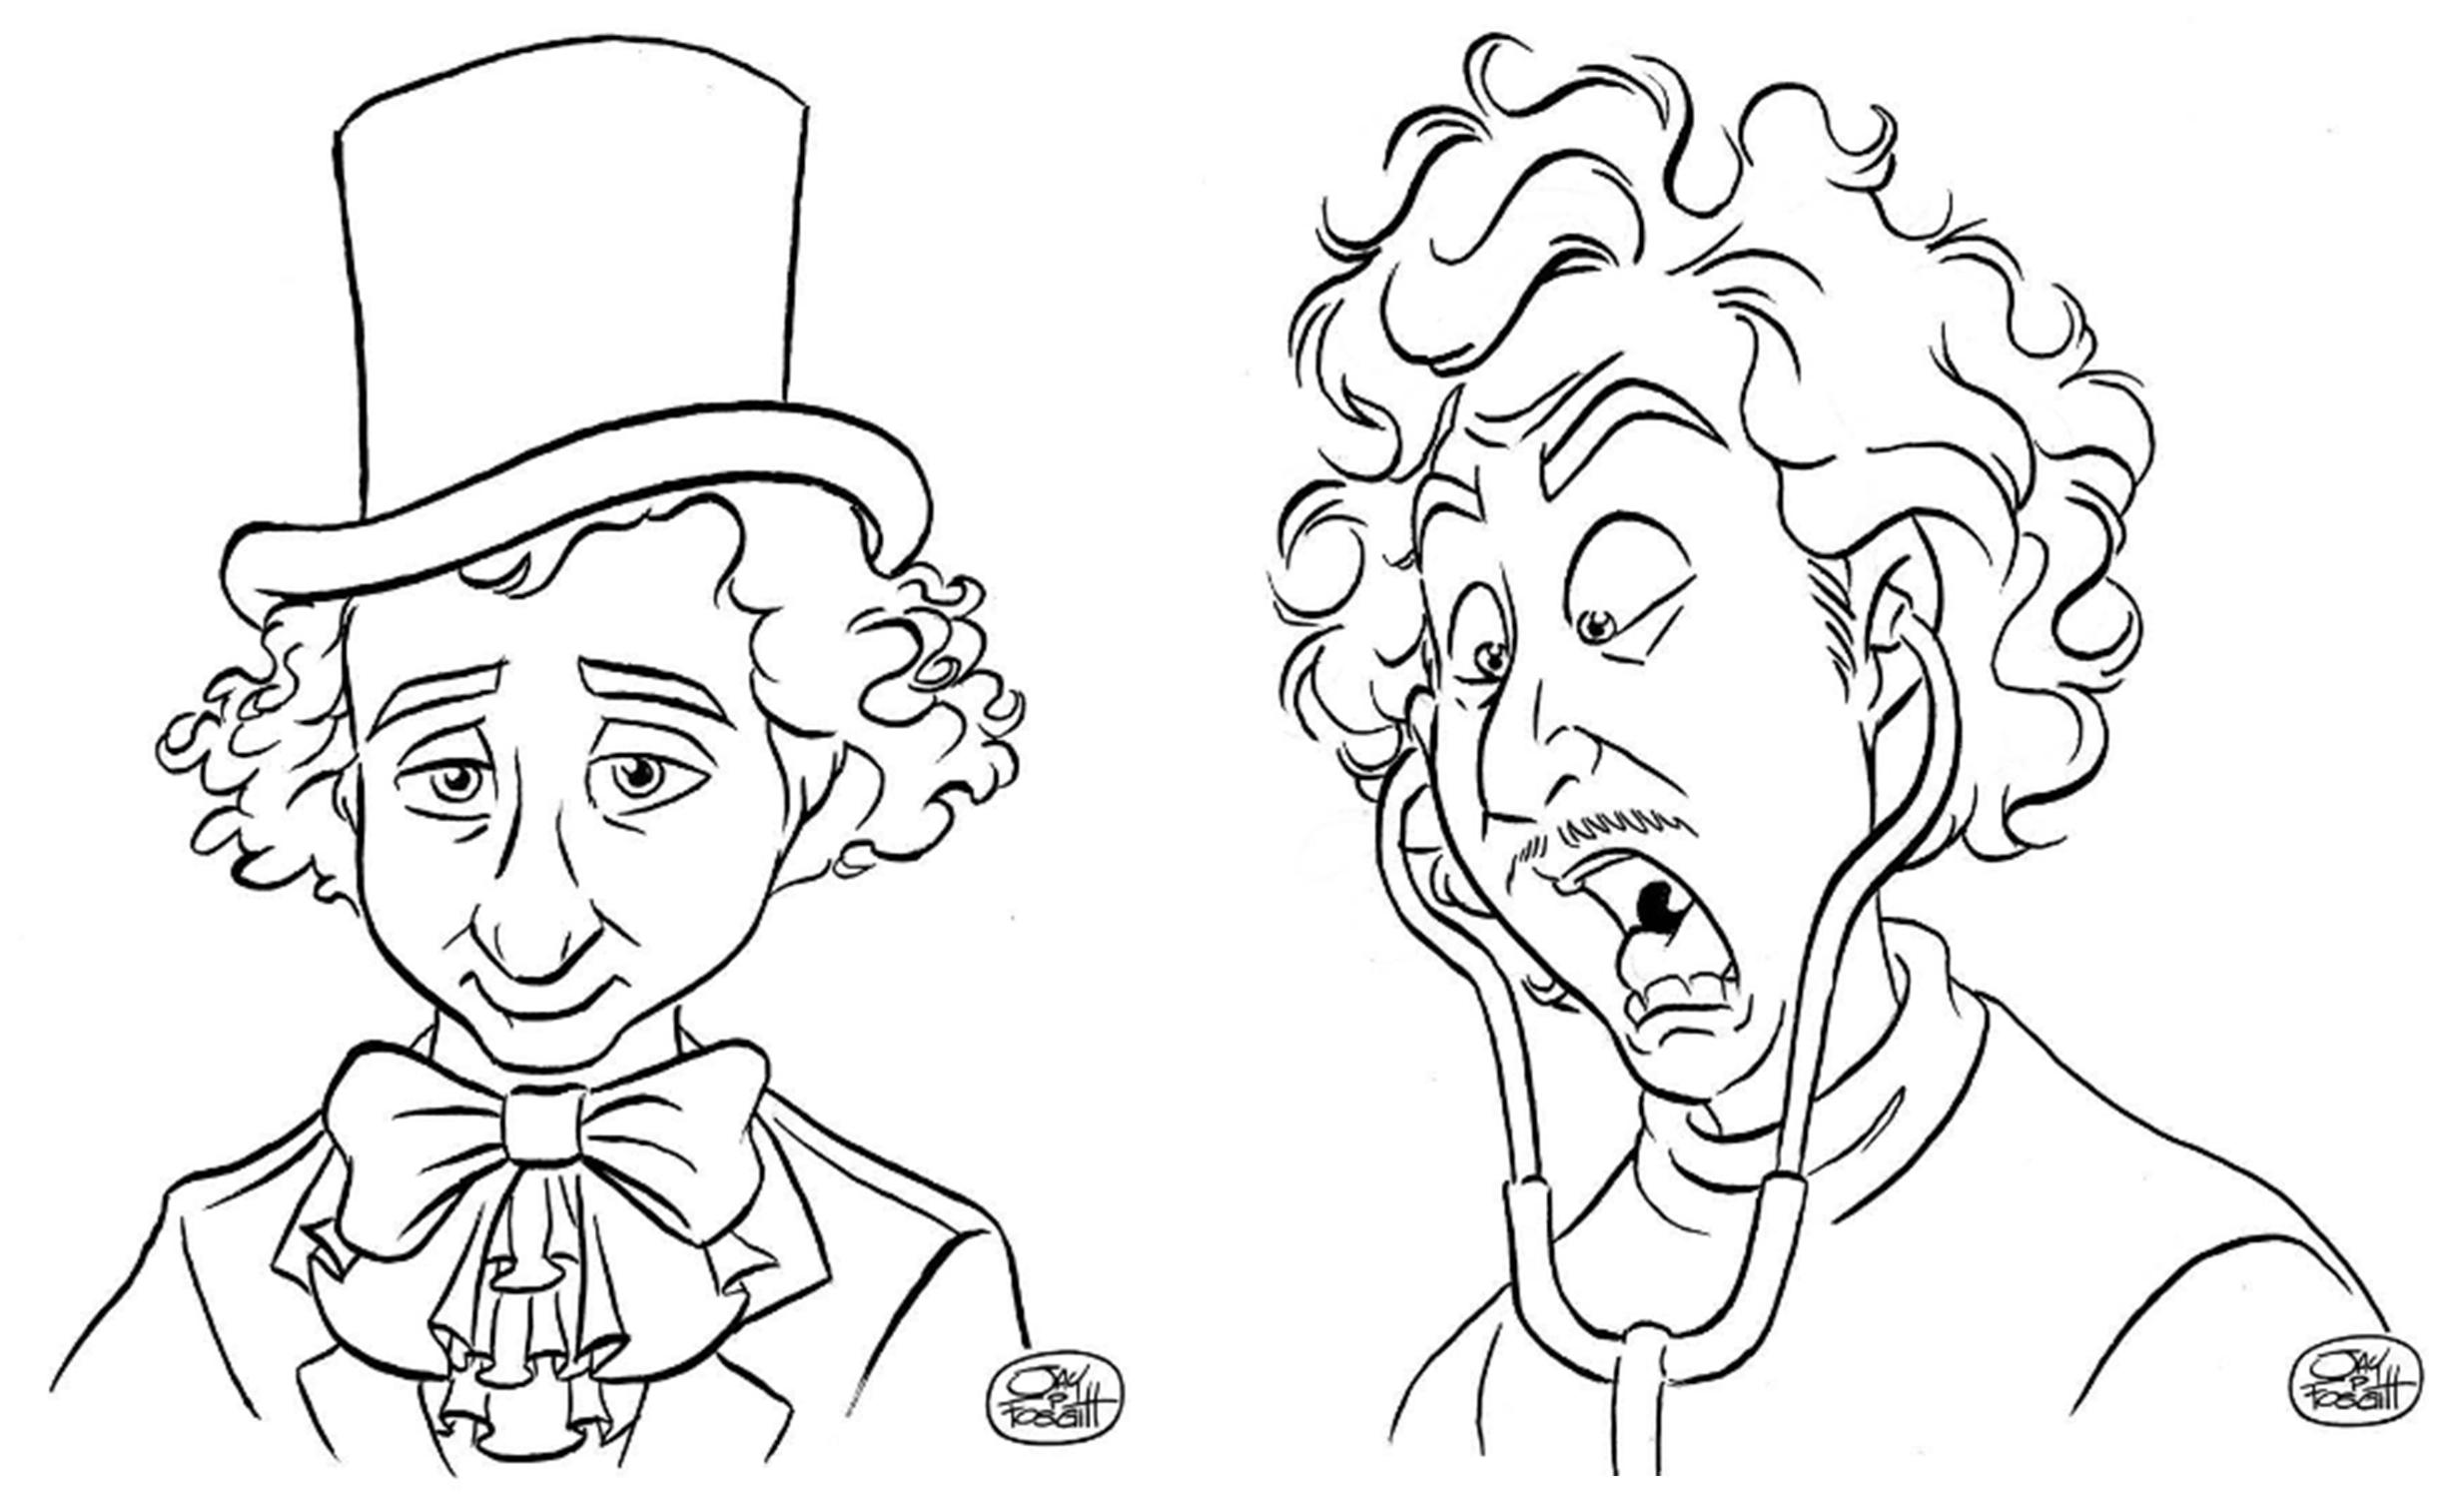 Fan Tribute Sketches by Jay Fosgitt